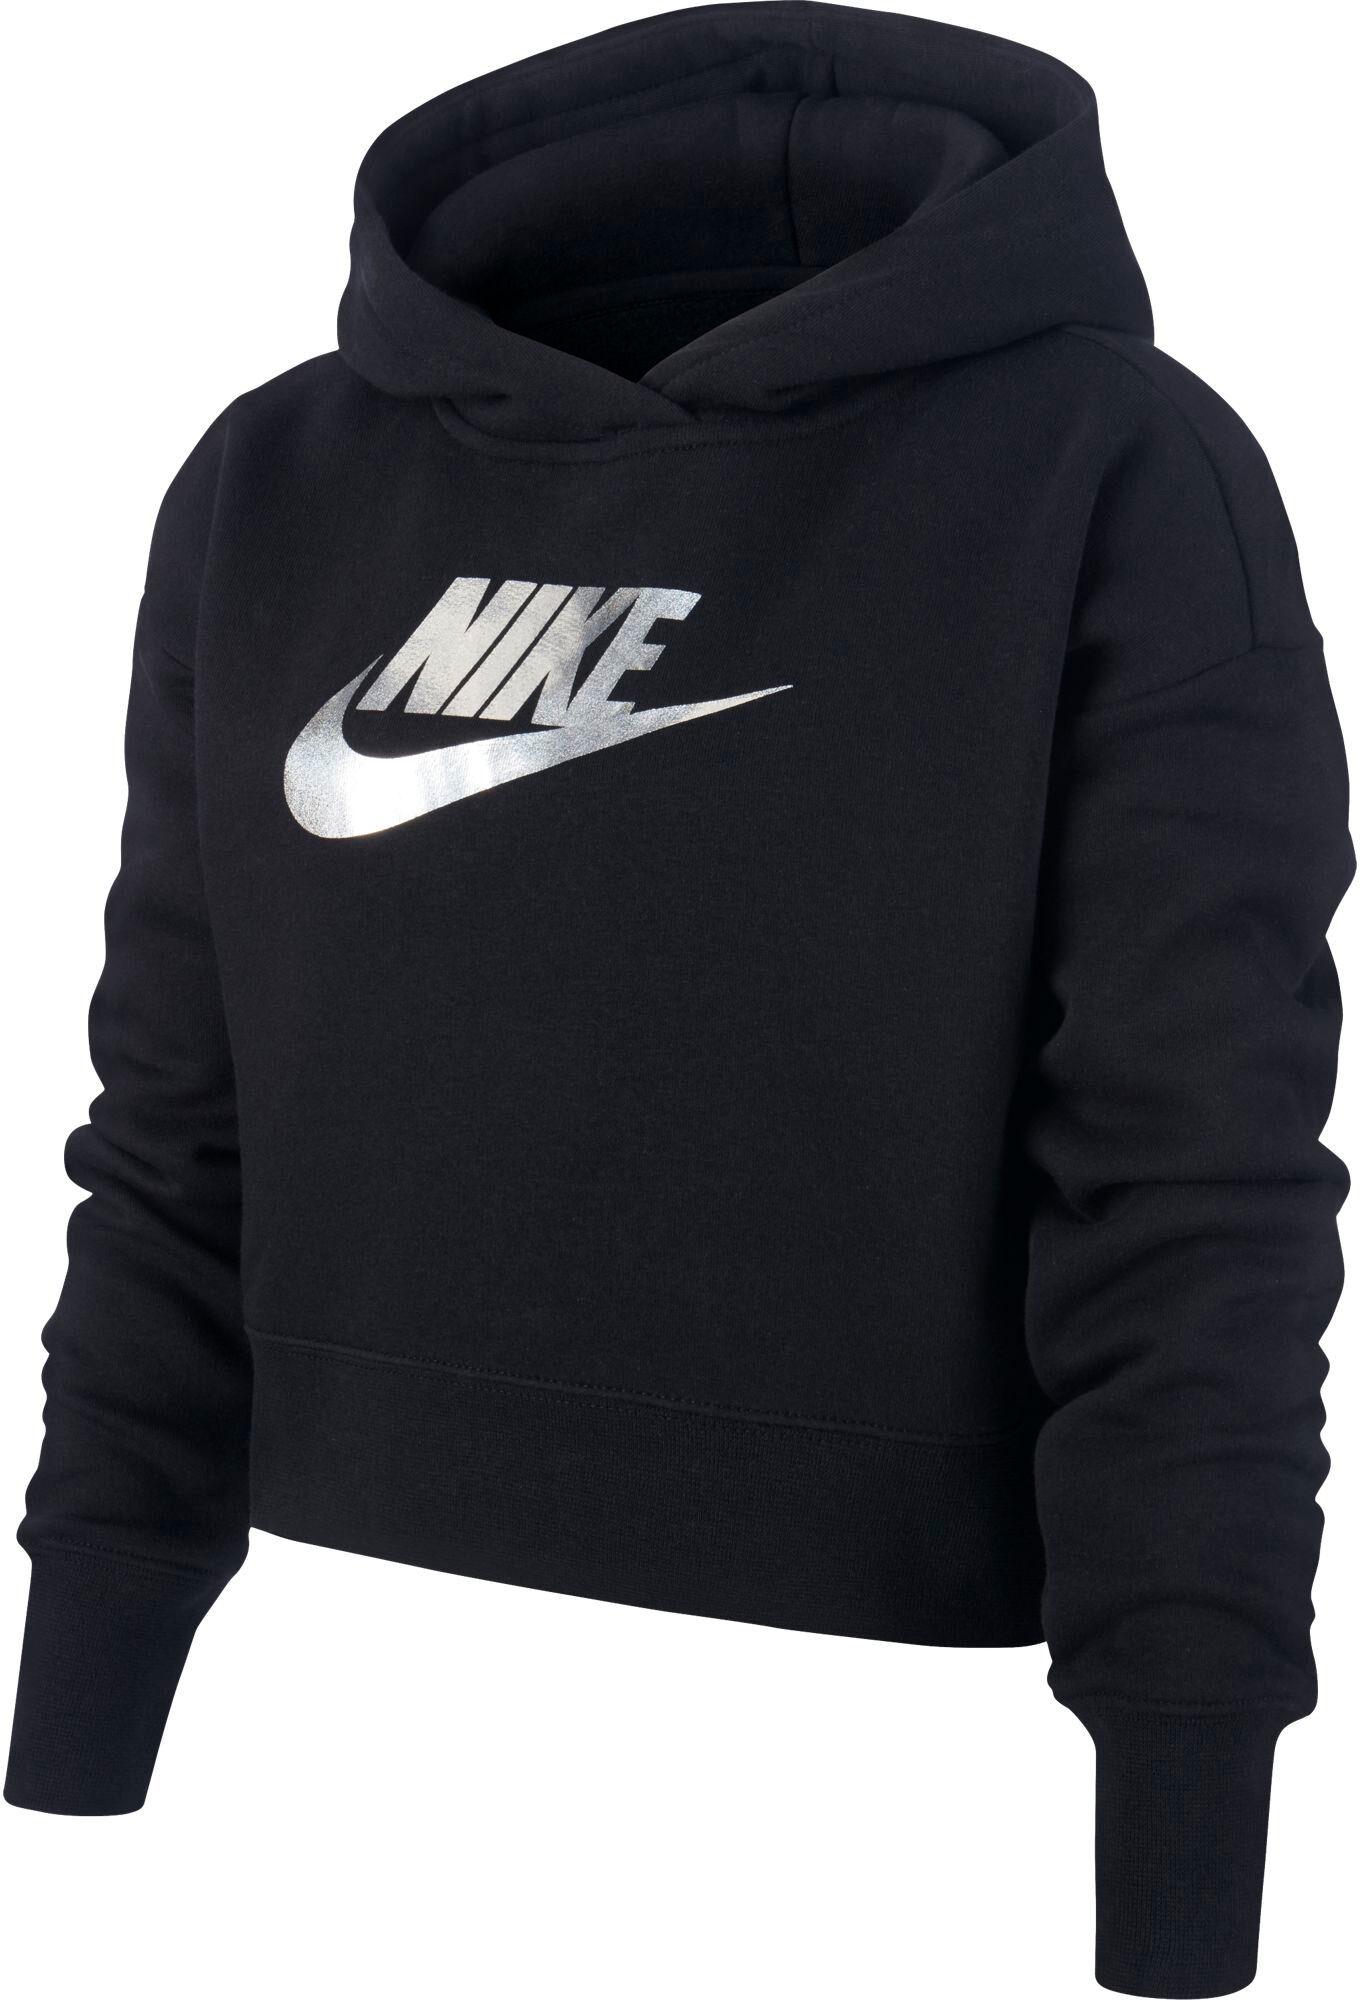 sweater nike nike sweater black sweater | Ropa deportiva